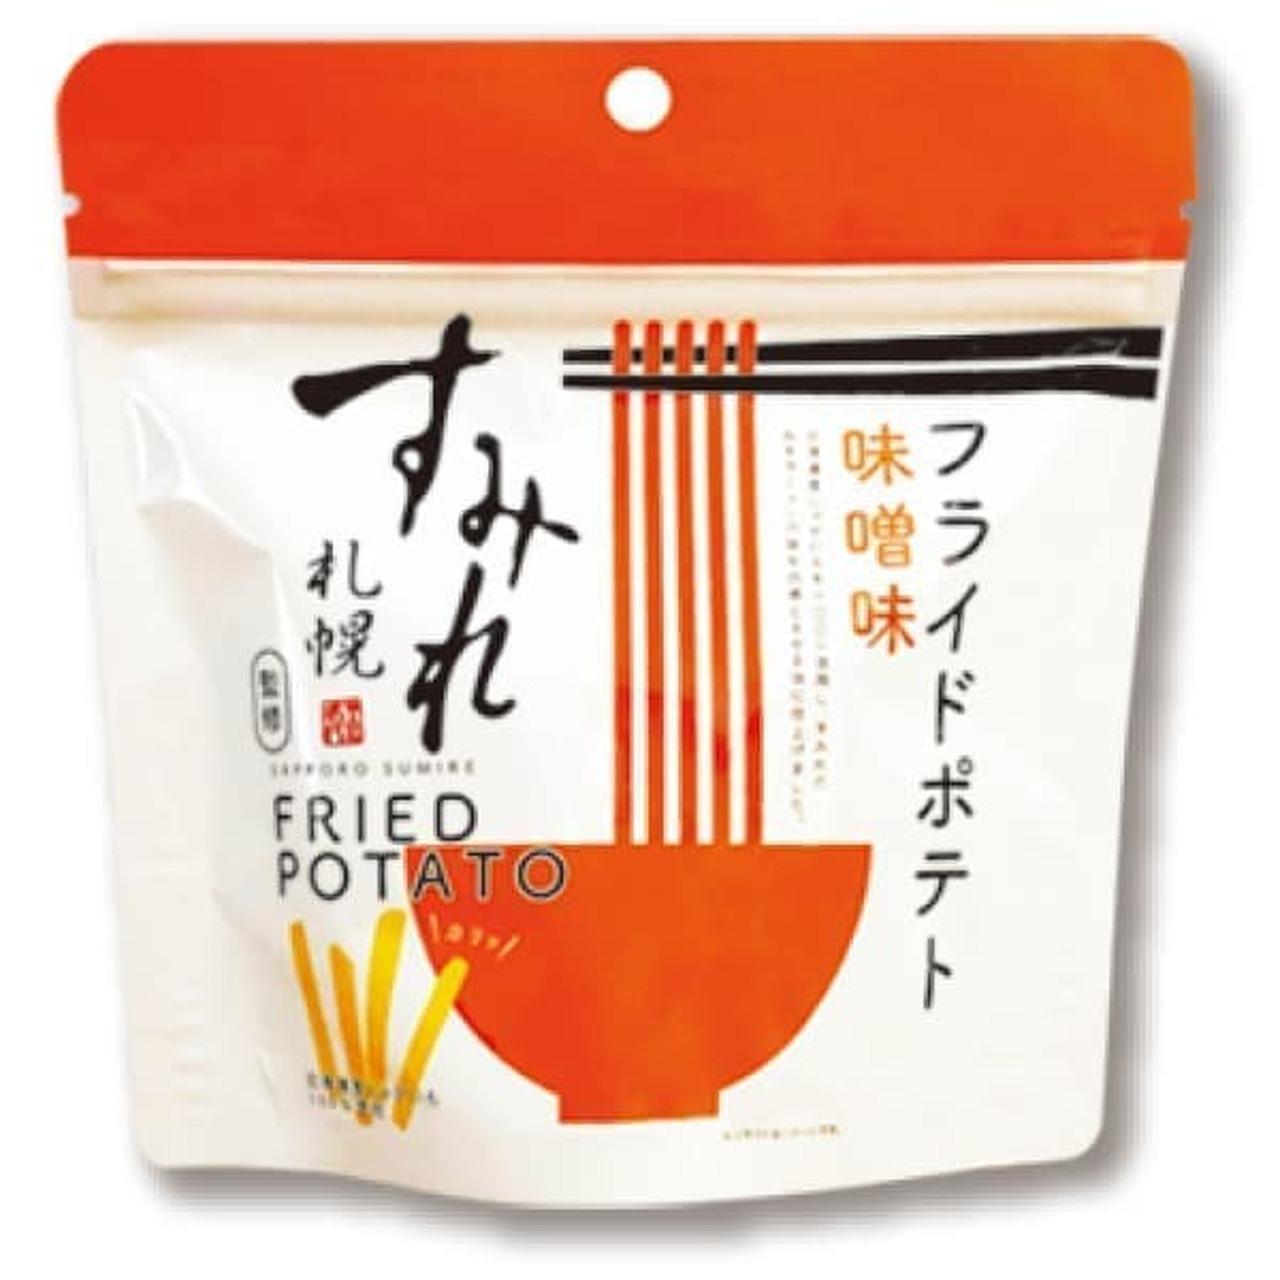 PLUSワン 札幌すみれフライドポテト味噌味